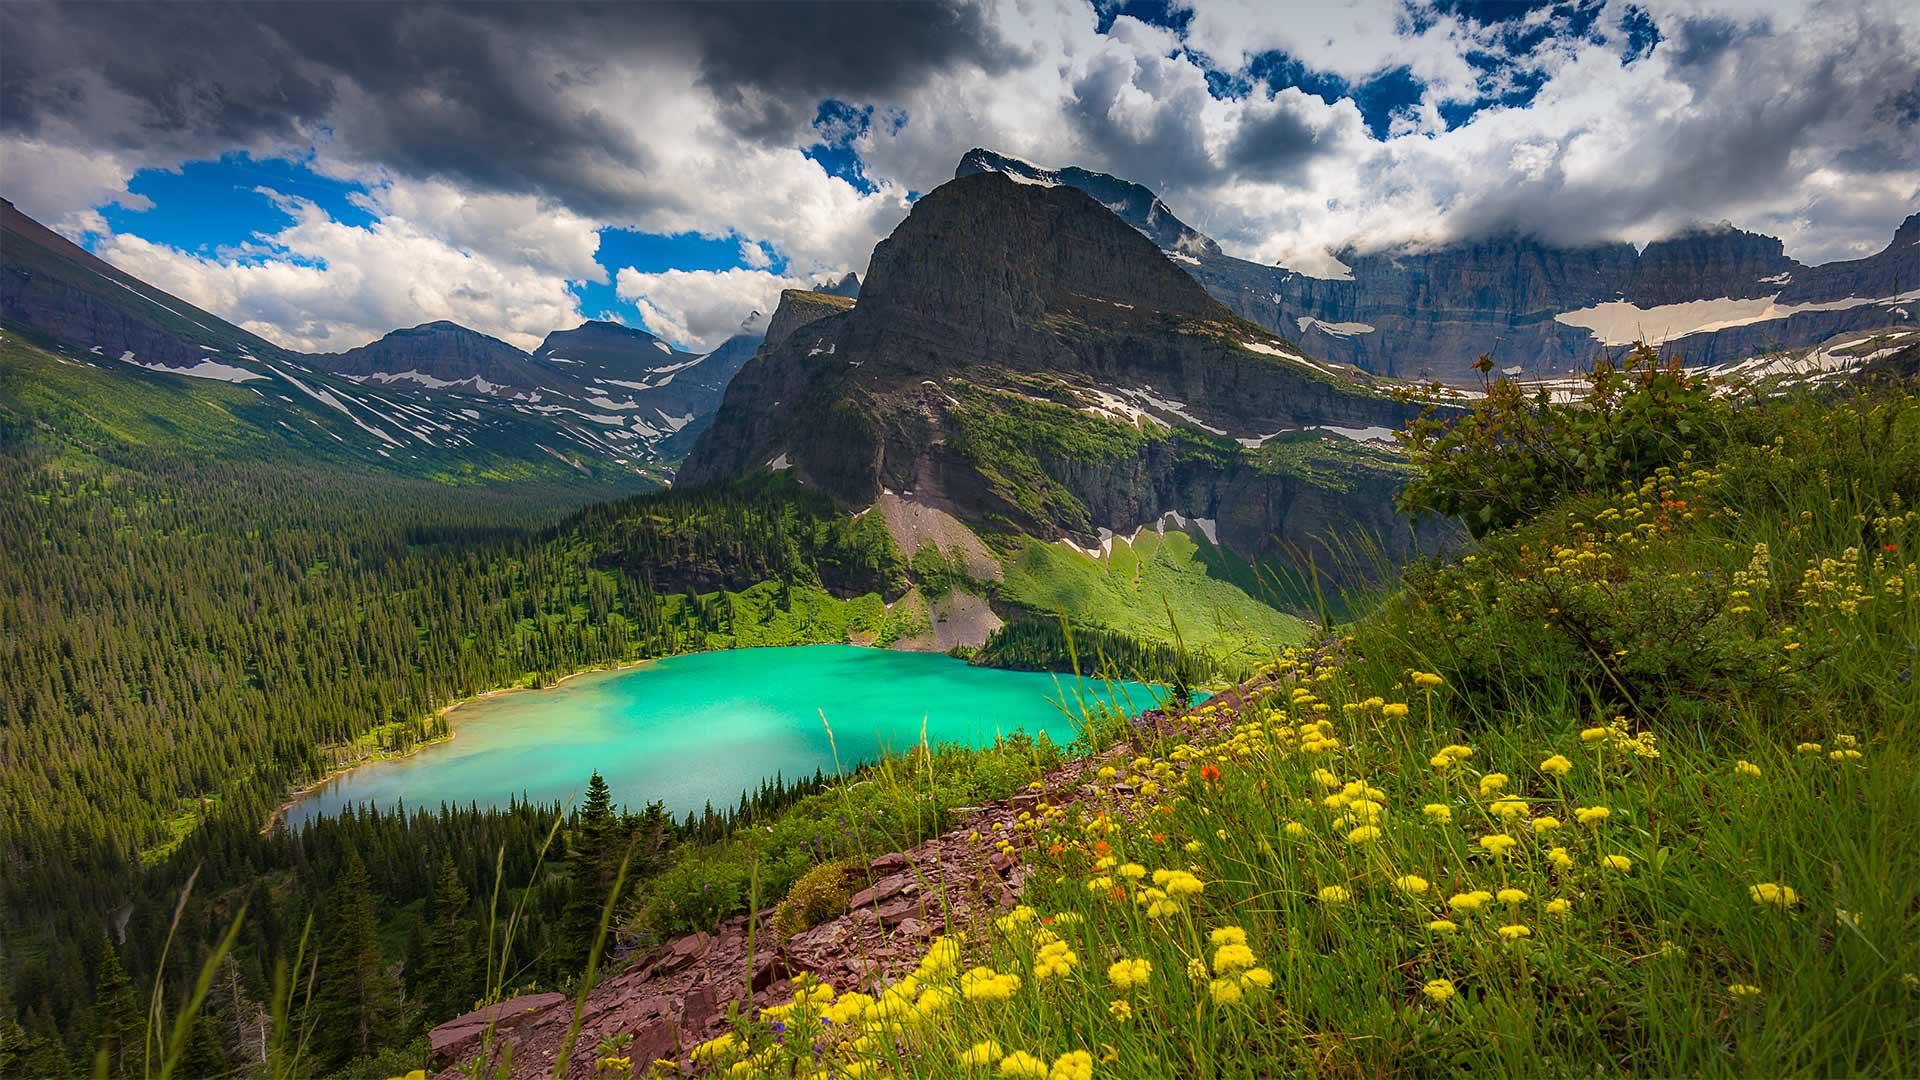 格林内尔湖,蒙大拿州冰川国家公园 (© Pung/Shutterstock)